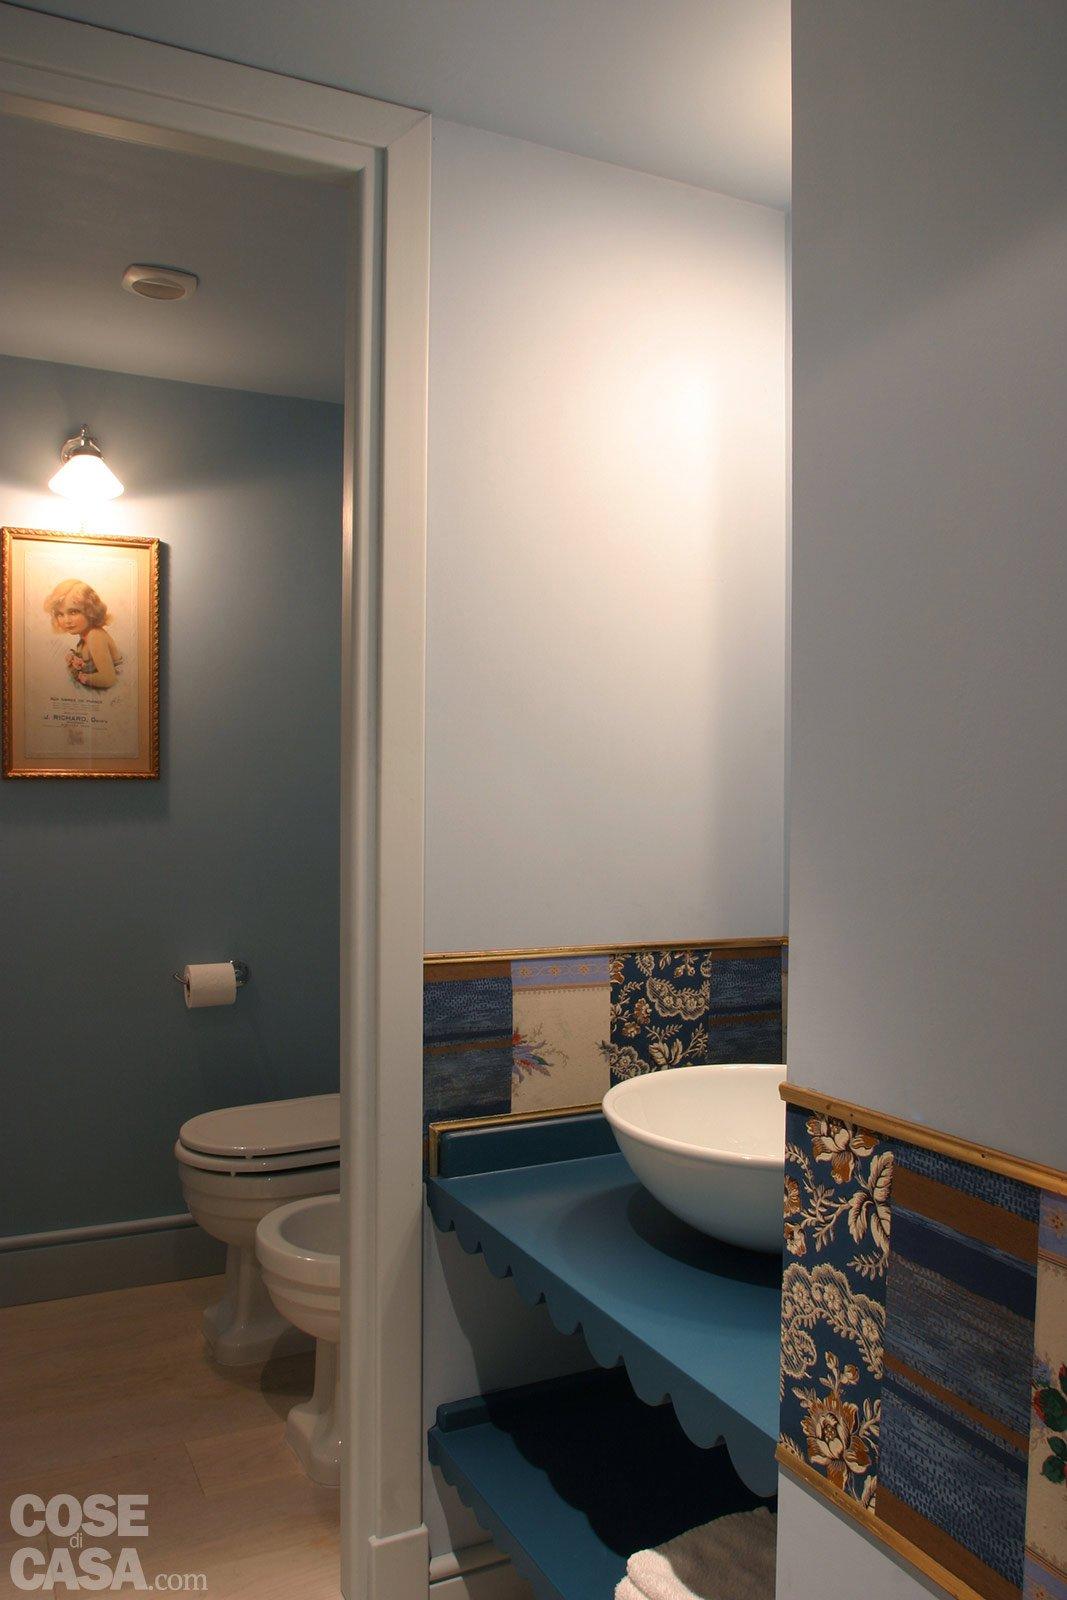 60 mq una casa in tonalit pastello cose di casa - Immagini di mobili ...